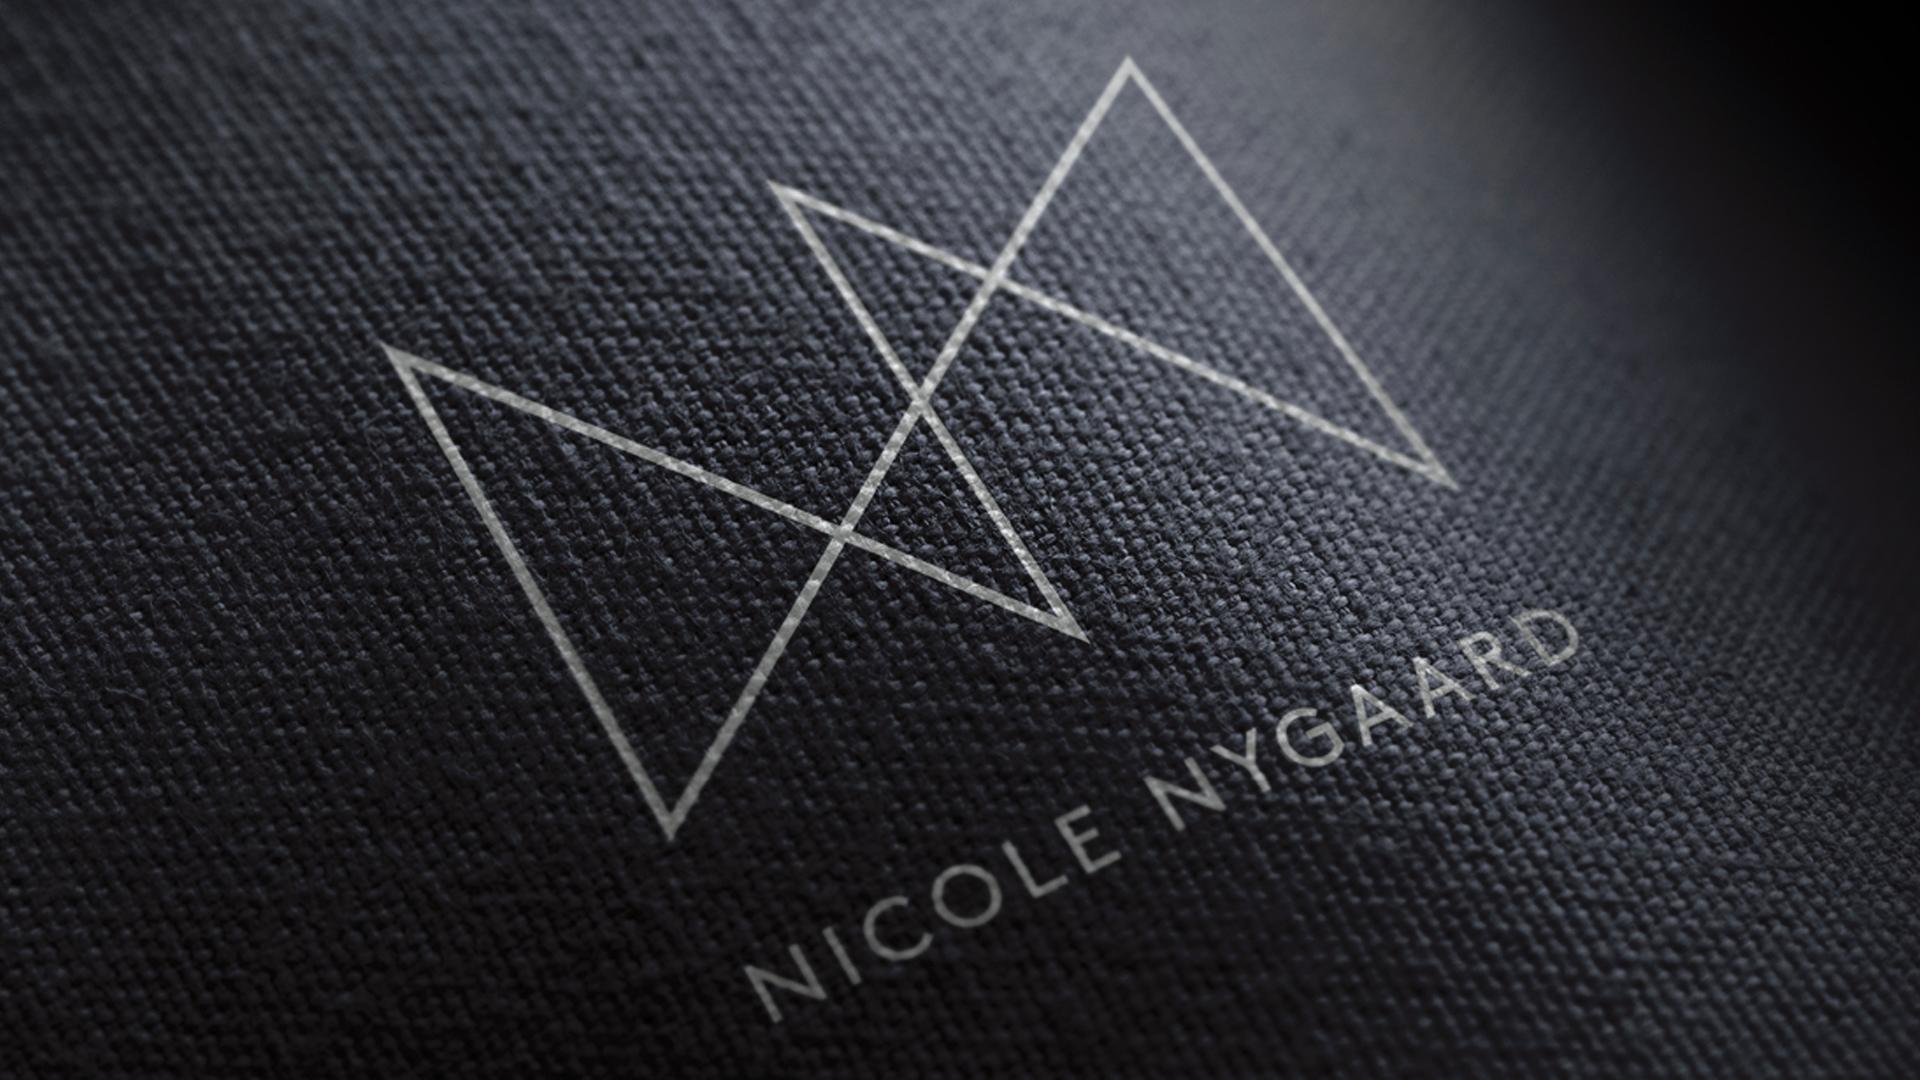 Logodesign til etisk mote